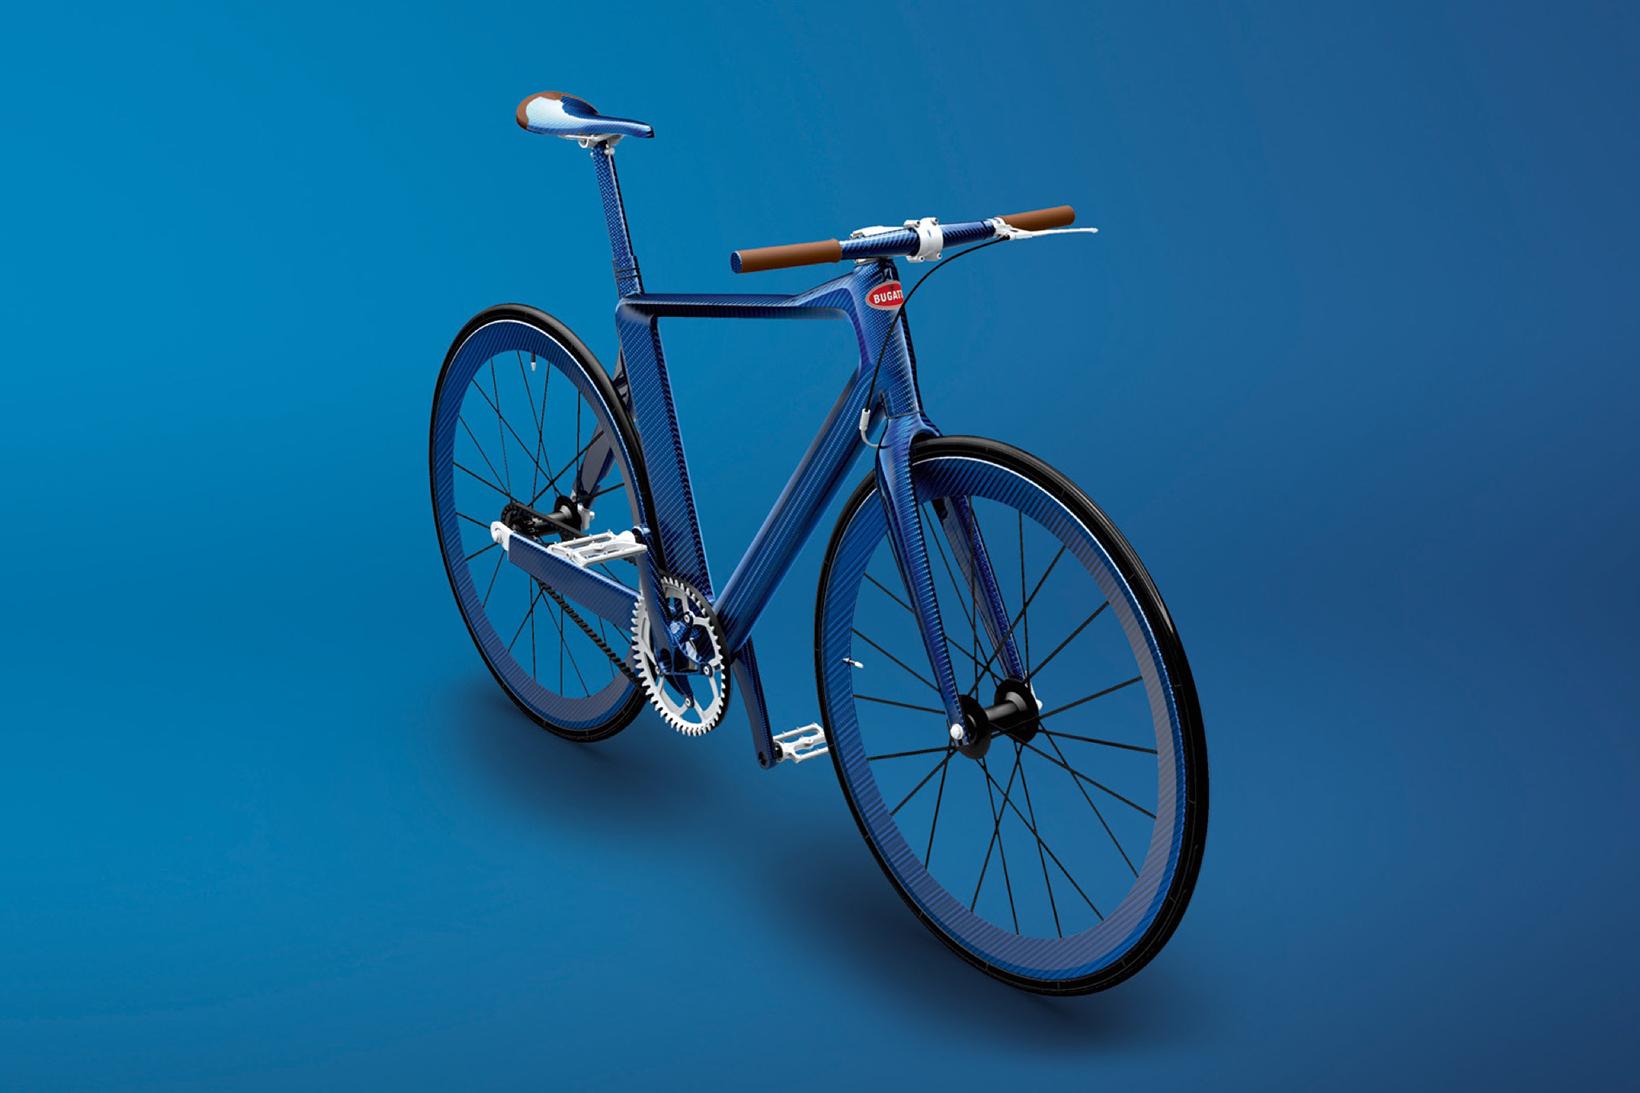 PG Bugatti Bike - 3762171